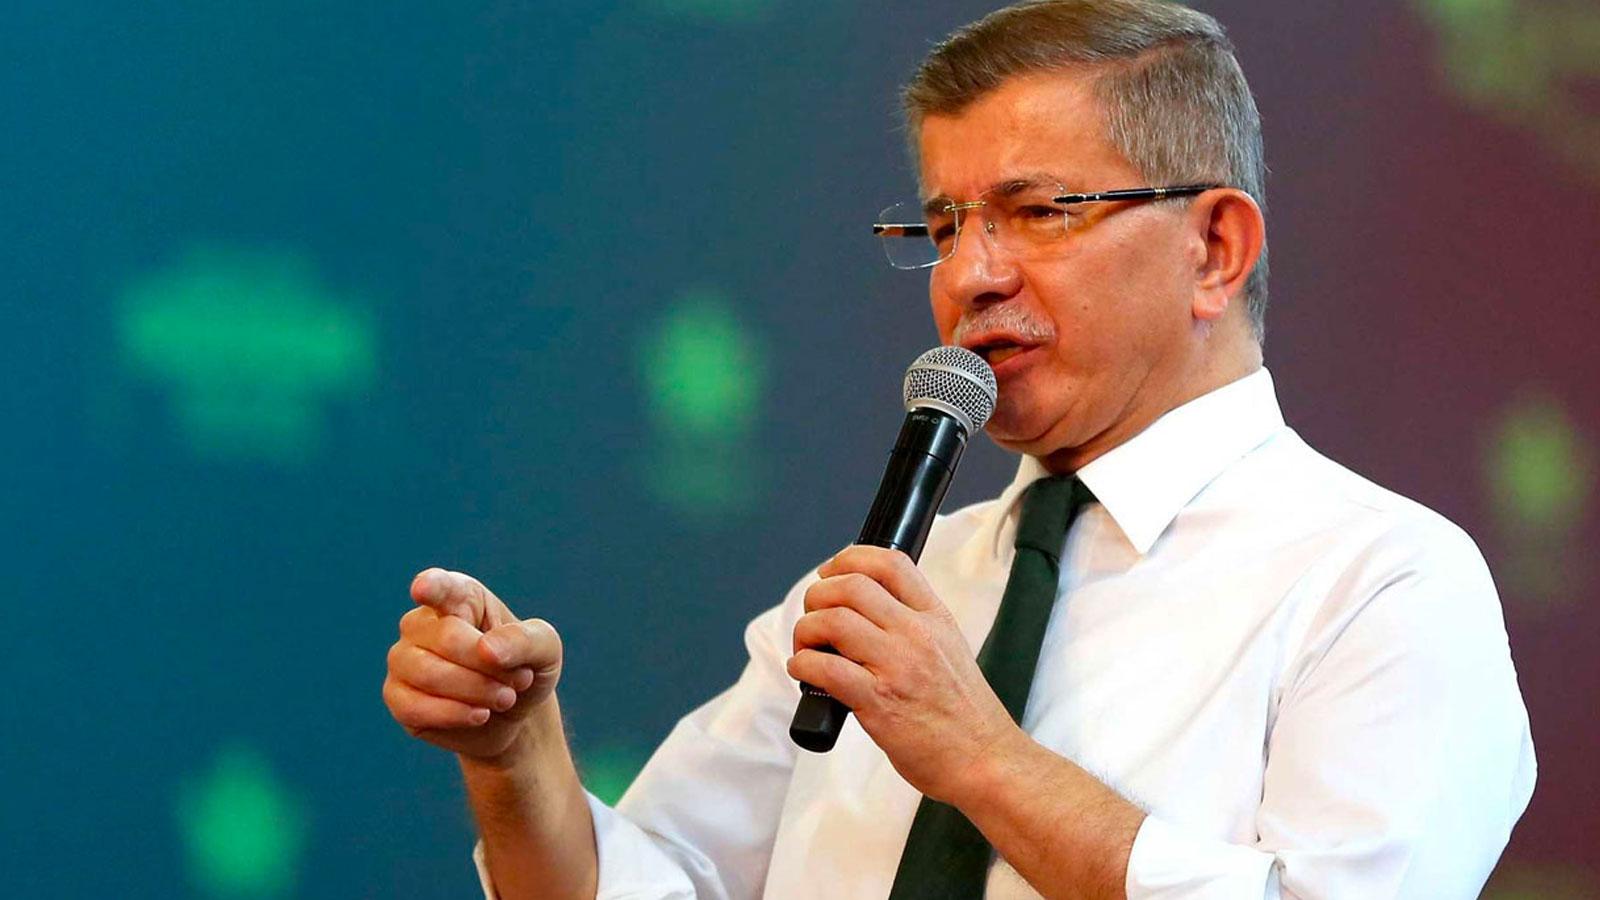 Davutoğlu: Bahçeli, FETÖ'nün hükümeti devirme teşebbüsüne açık destek vermiştir